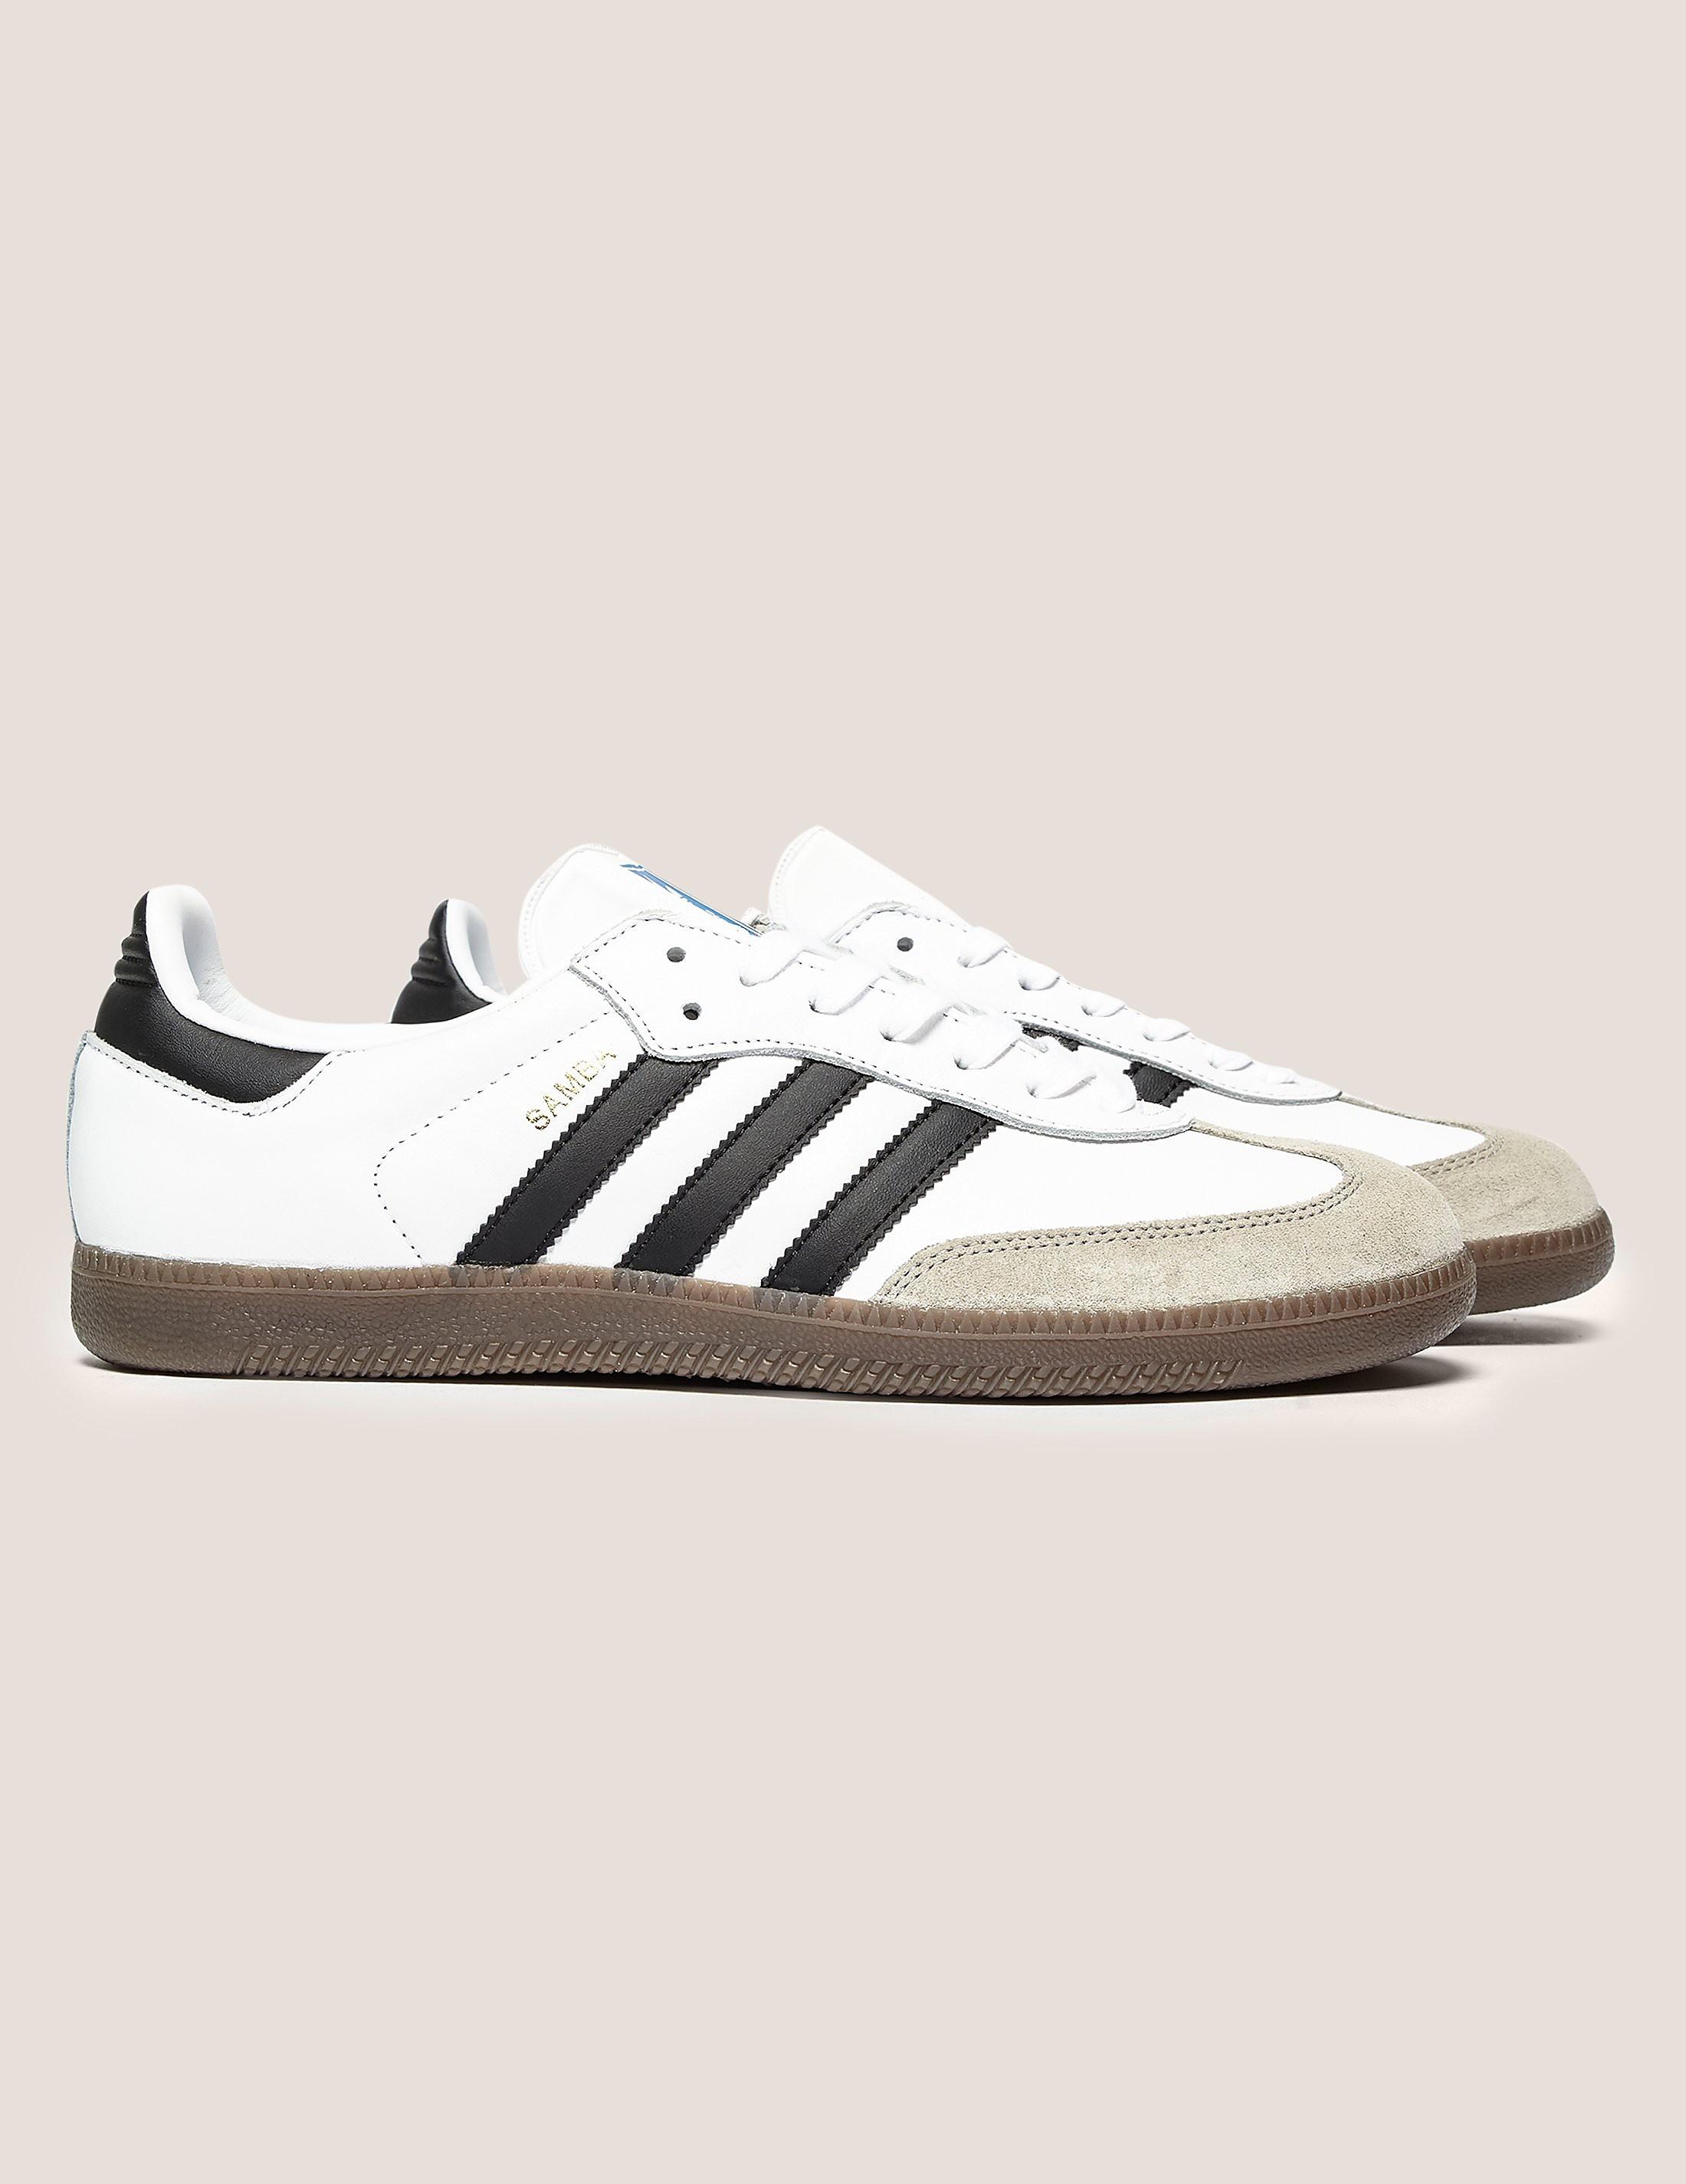 adidas Originals Samba Leather